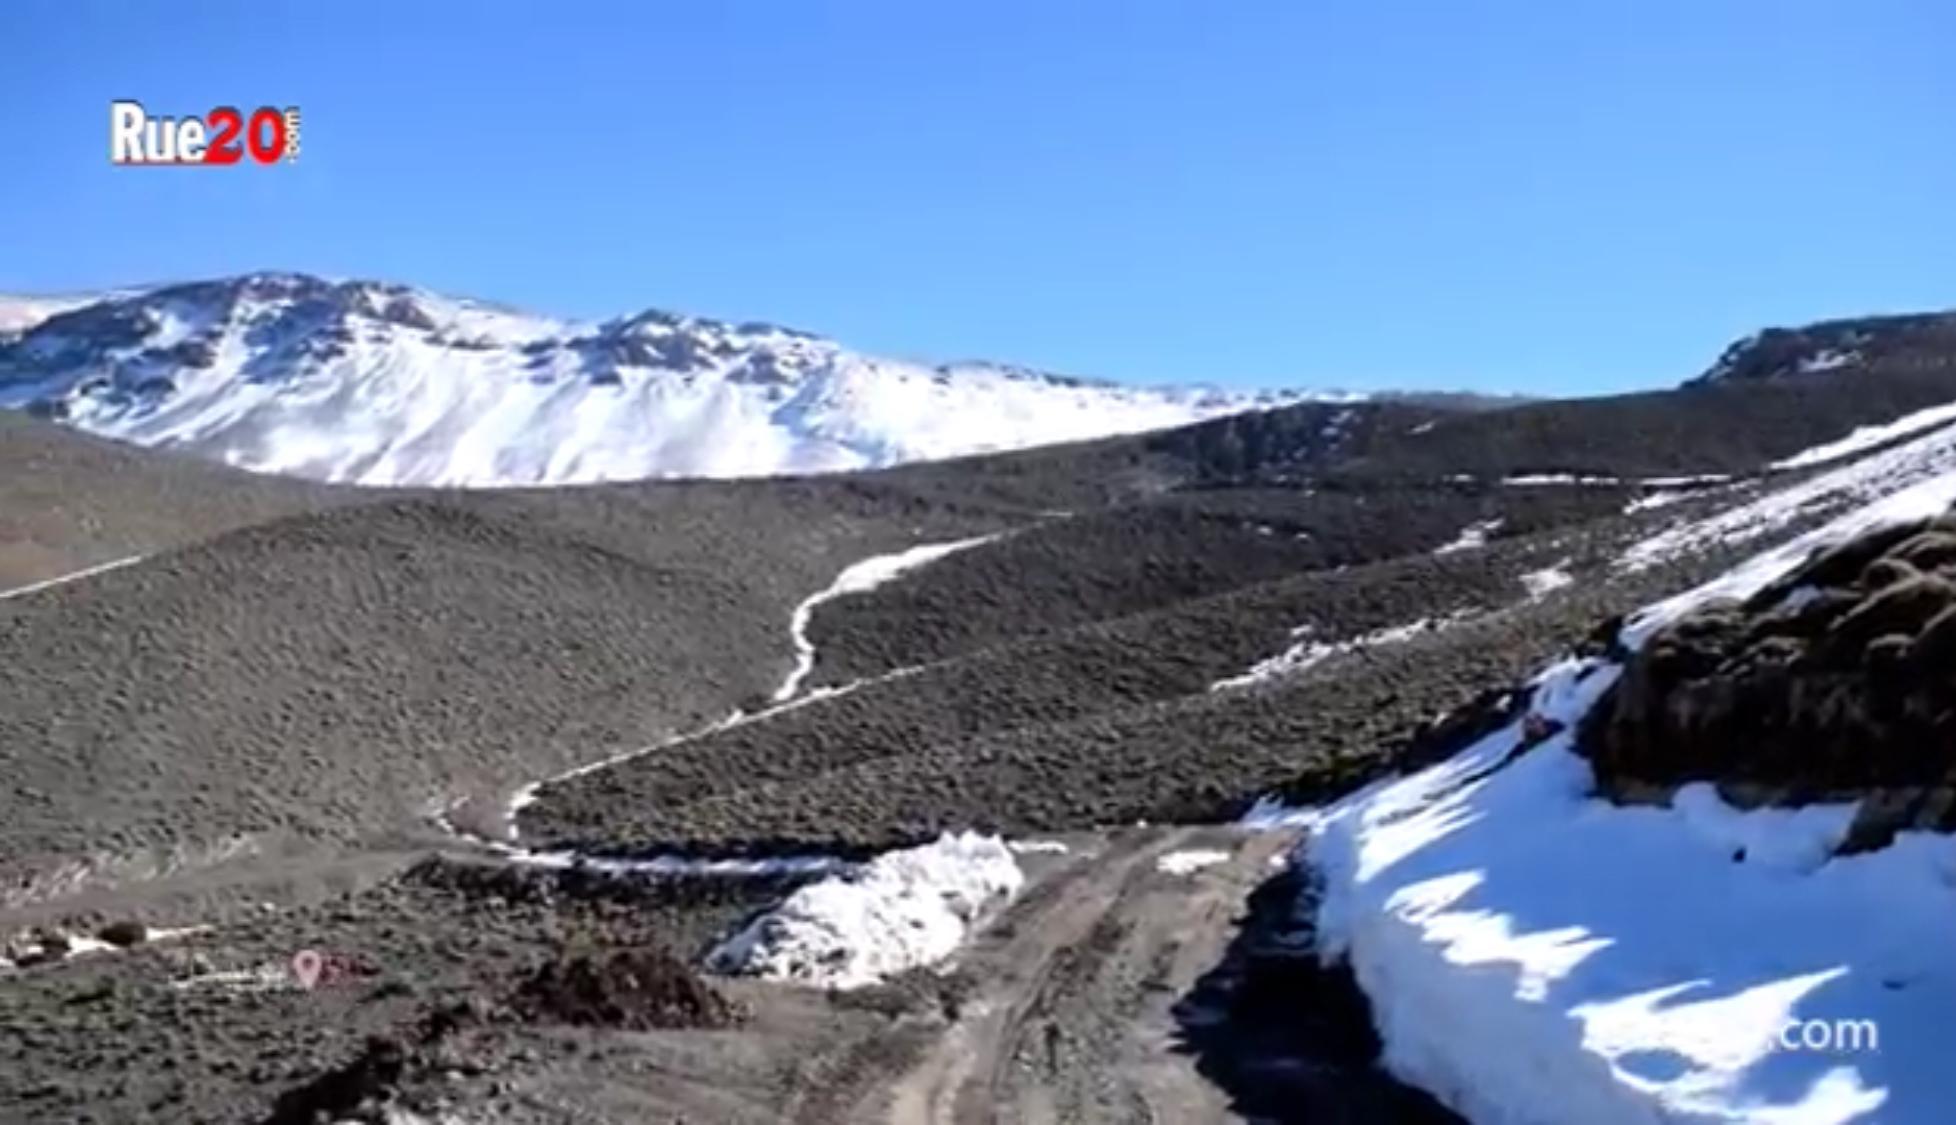 """تفاصيل رحلة منبر Rue20.com، إلى دوار """"شهيد الثلوج"""" بجبال بويبلان المعزول عن العالم"""